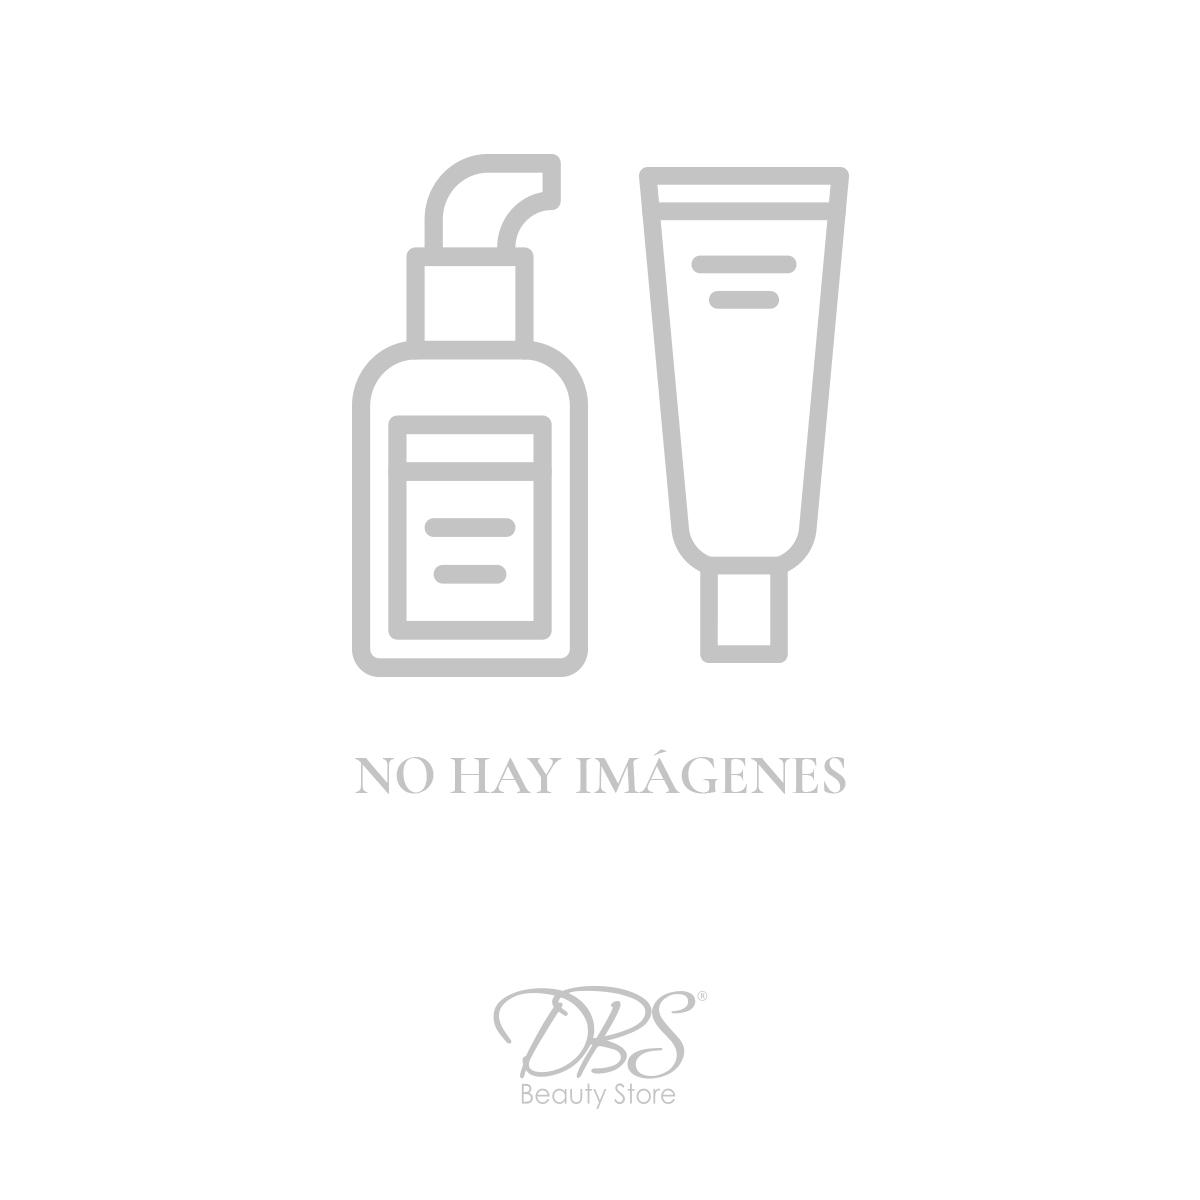 dbs-cosmetics-DBS-LI1041-MP.jpg